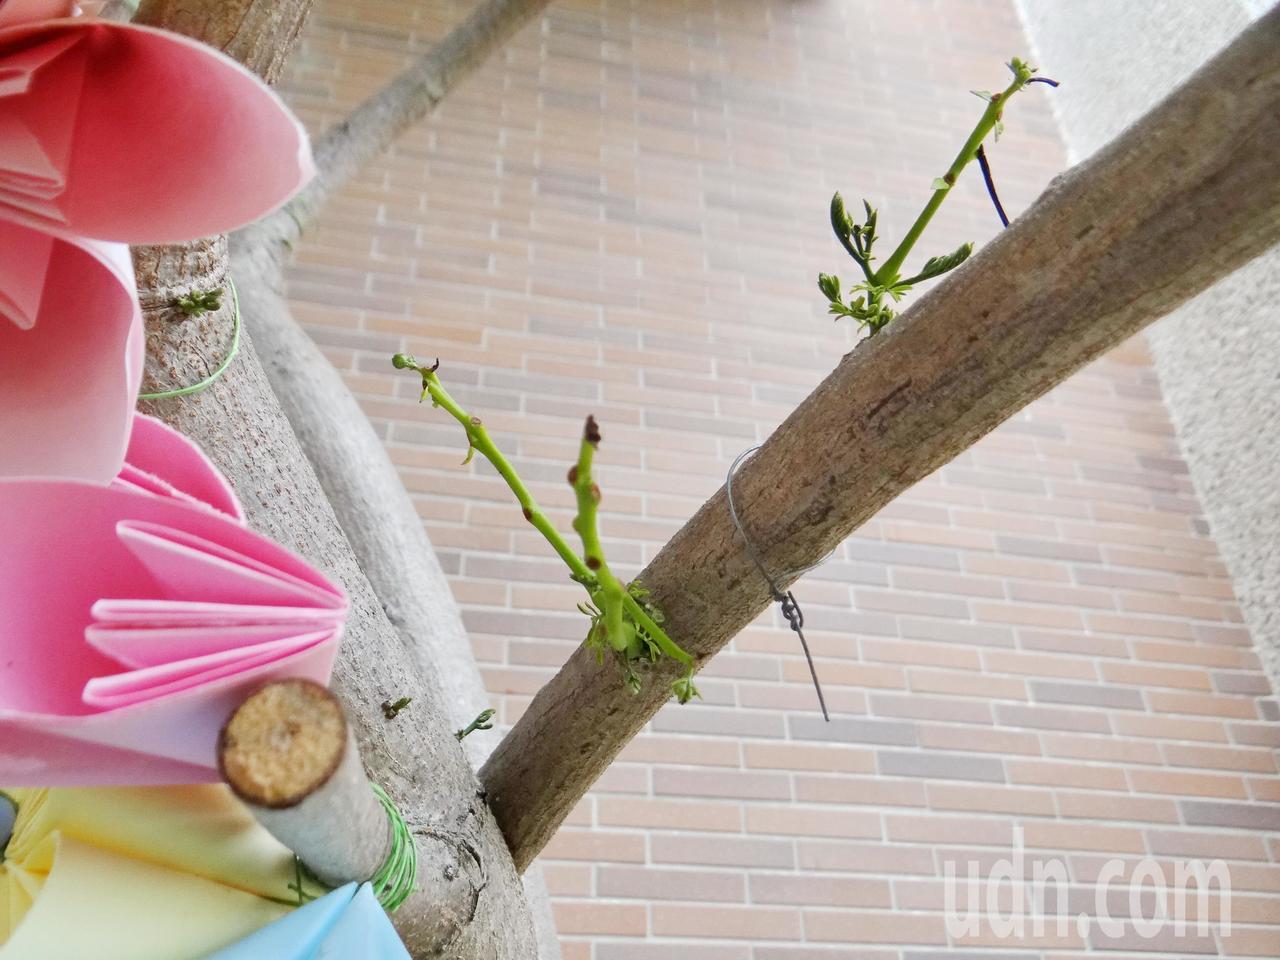 土庫鎮華聖啟能中心修前老樹,一段鋸下的枯木,半年後無根無水無土之下,竟又冒出新枝...